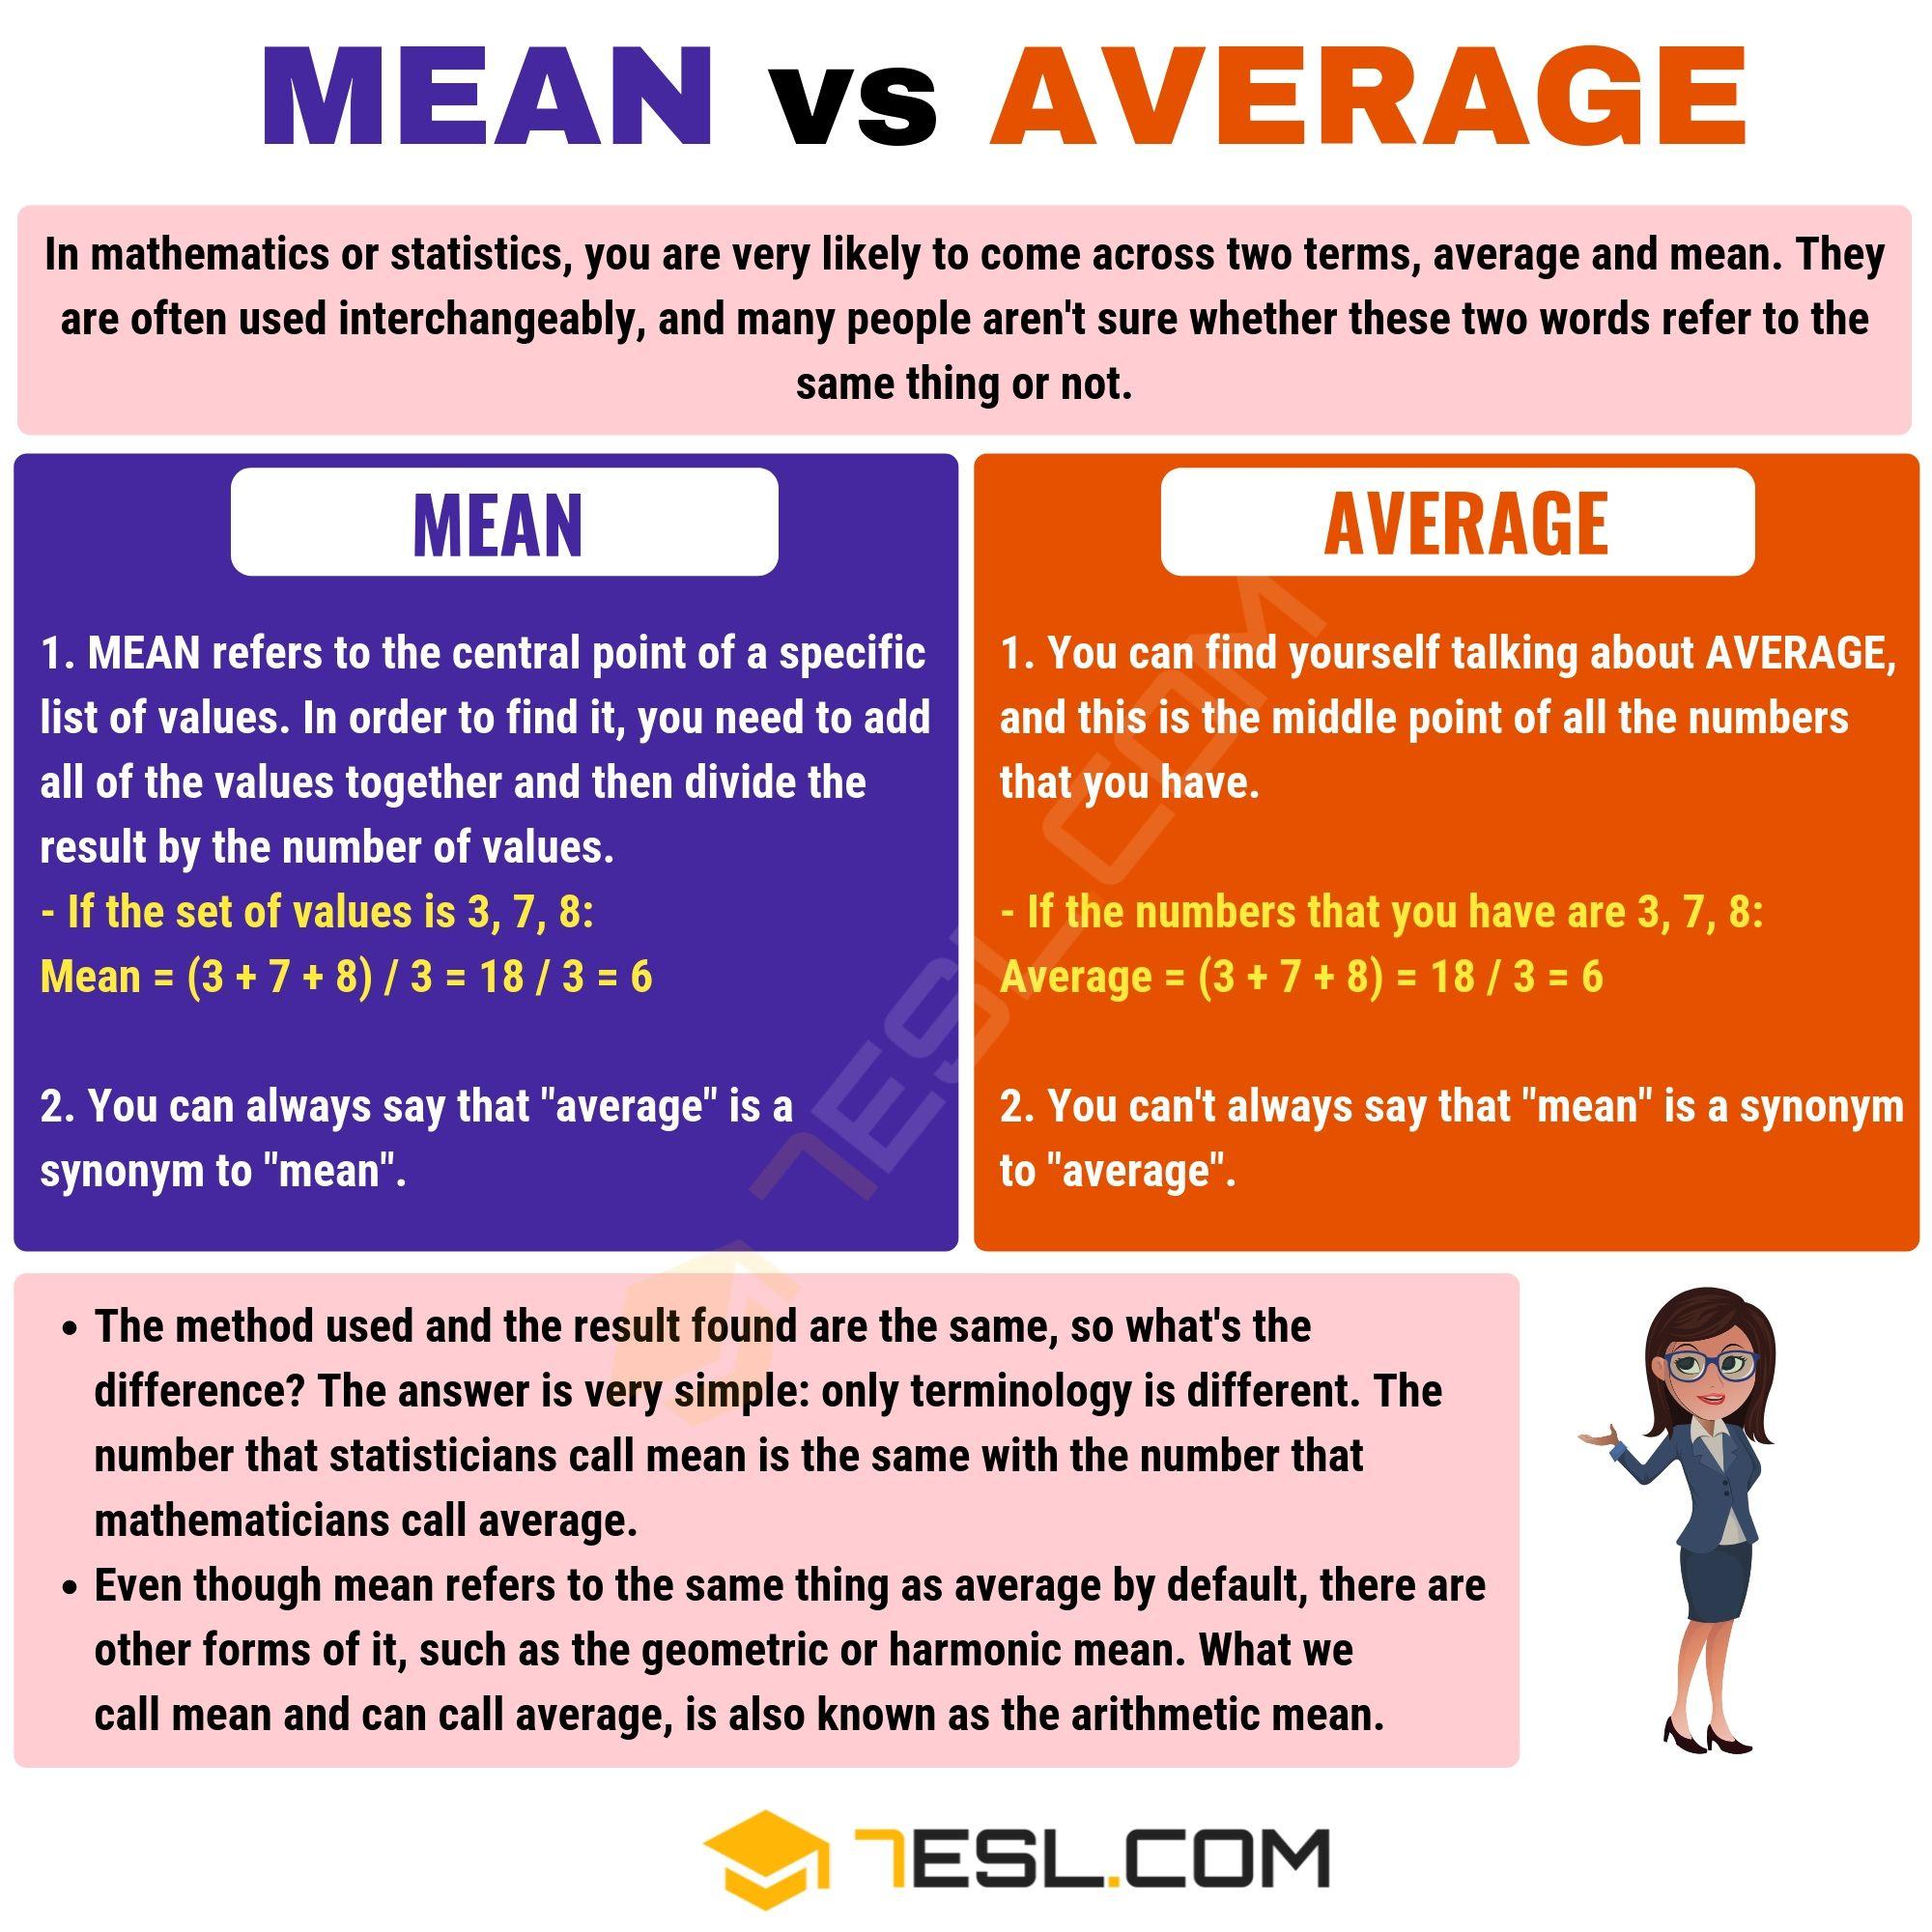 Mean vs. Average